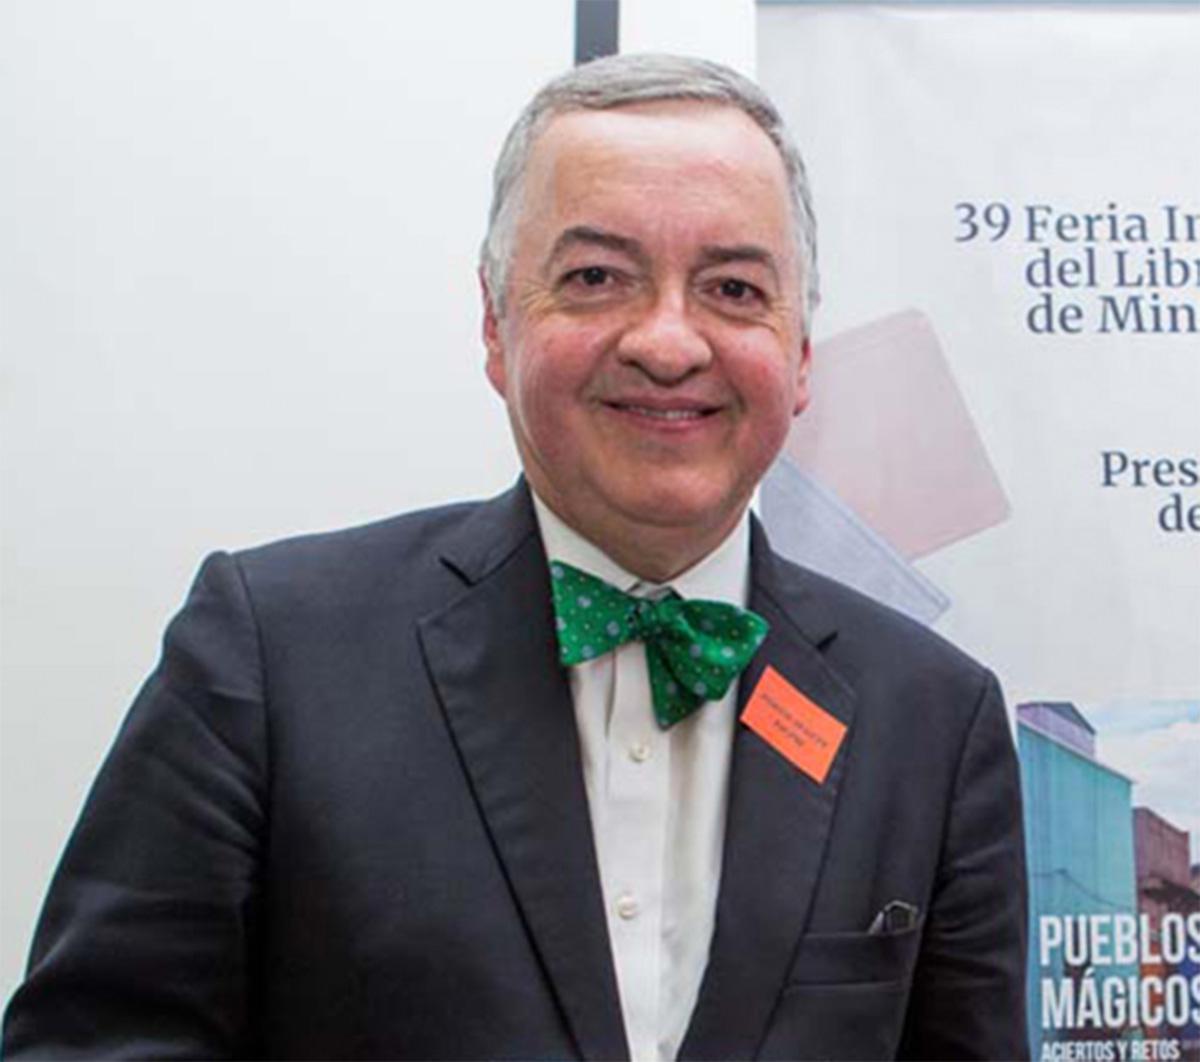 LÍDERES TURISMO ALTERNATIVAS ANTE CRISIS 05